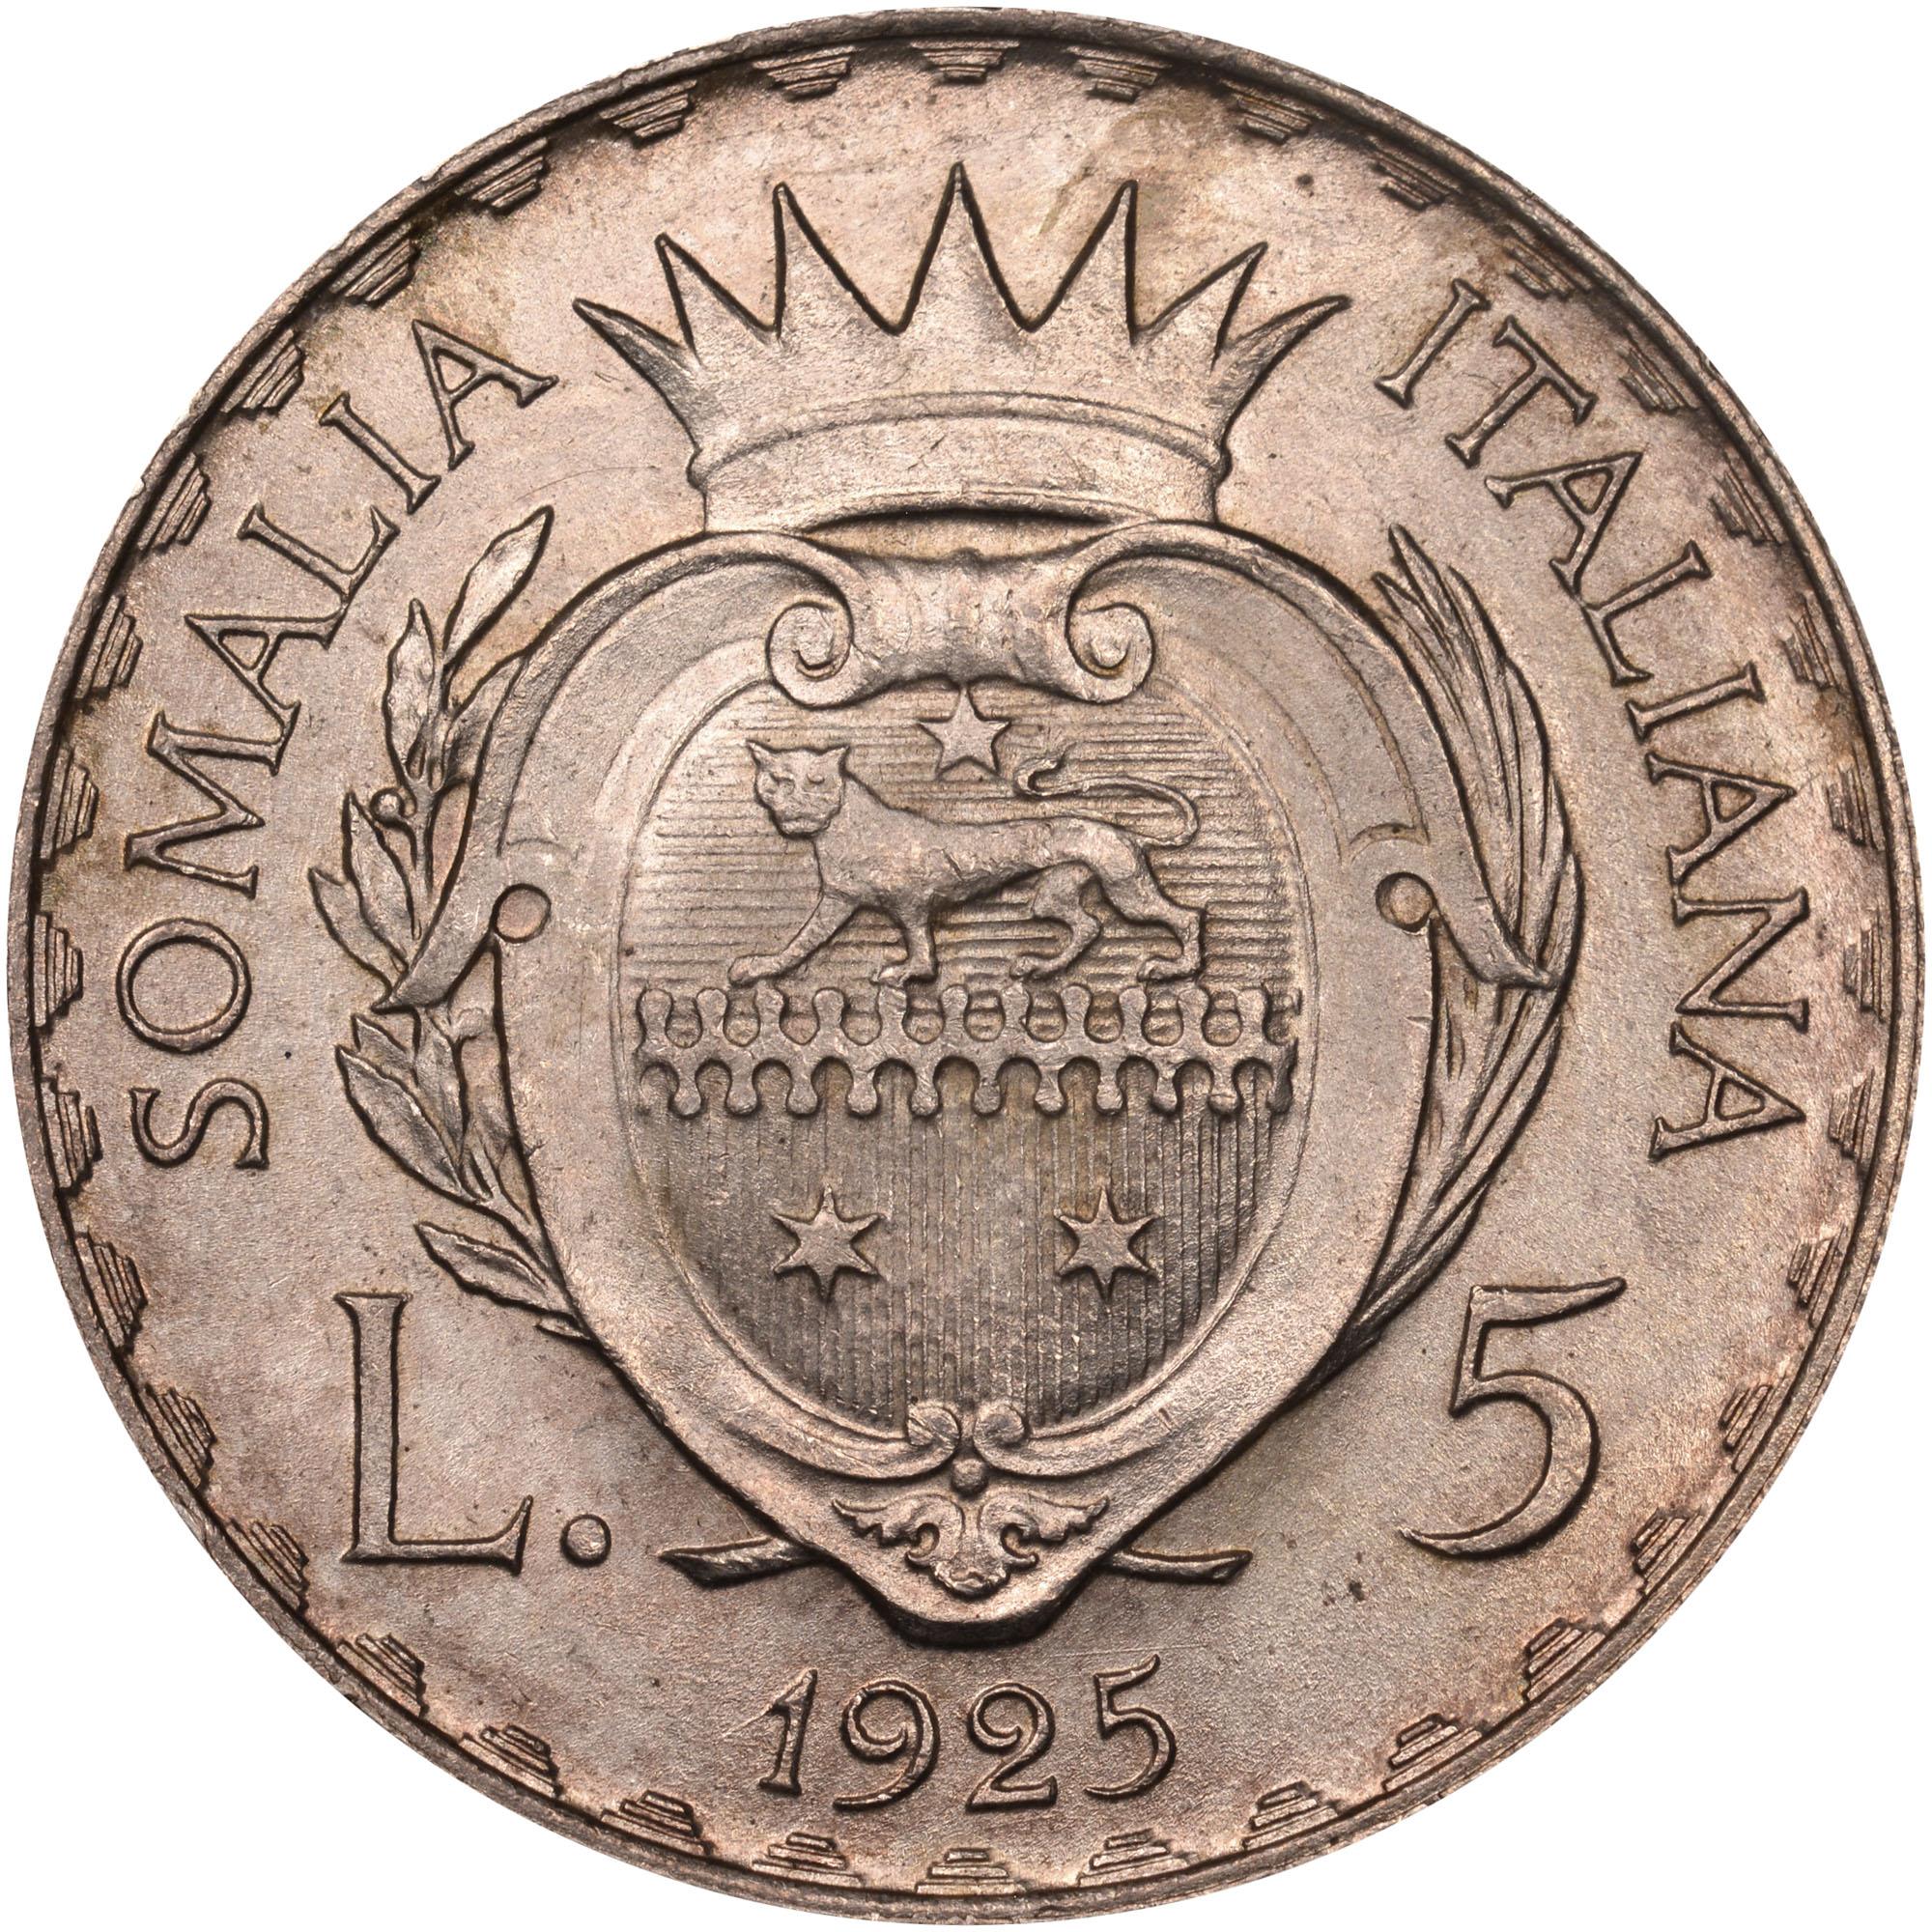 Italian Somaliland 10 Lire reverse